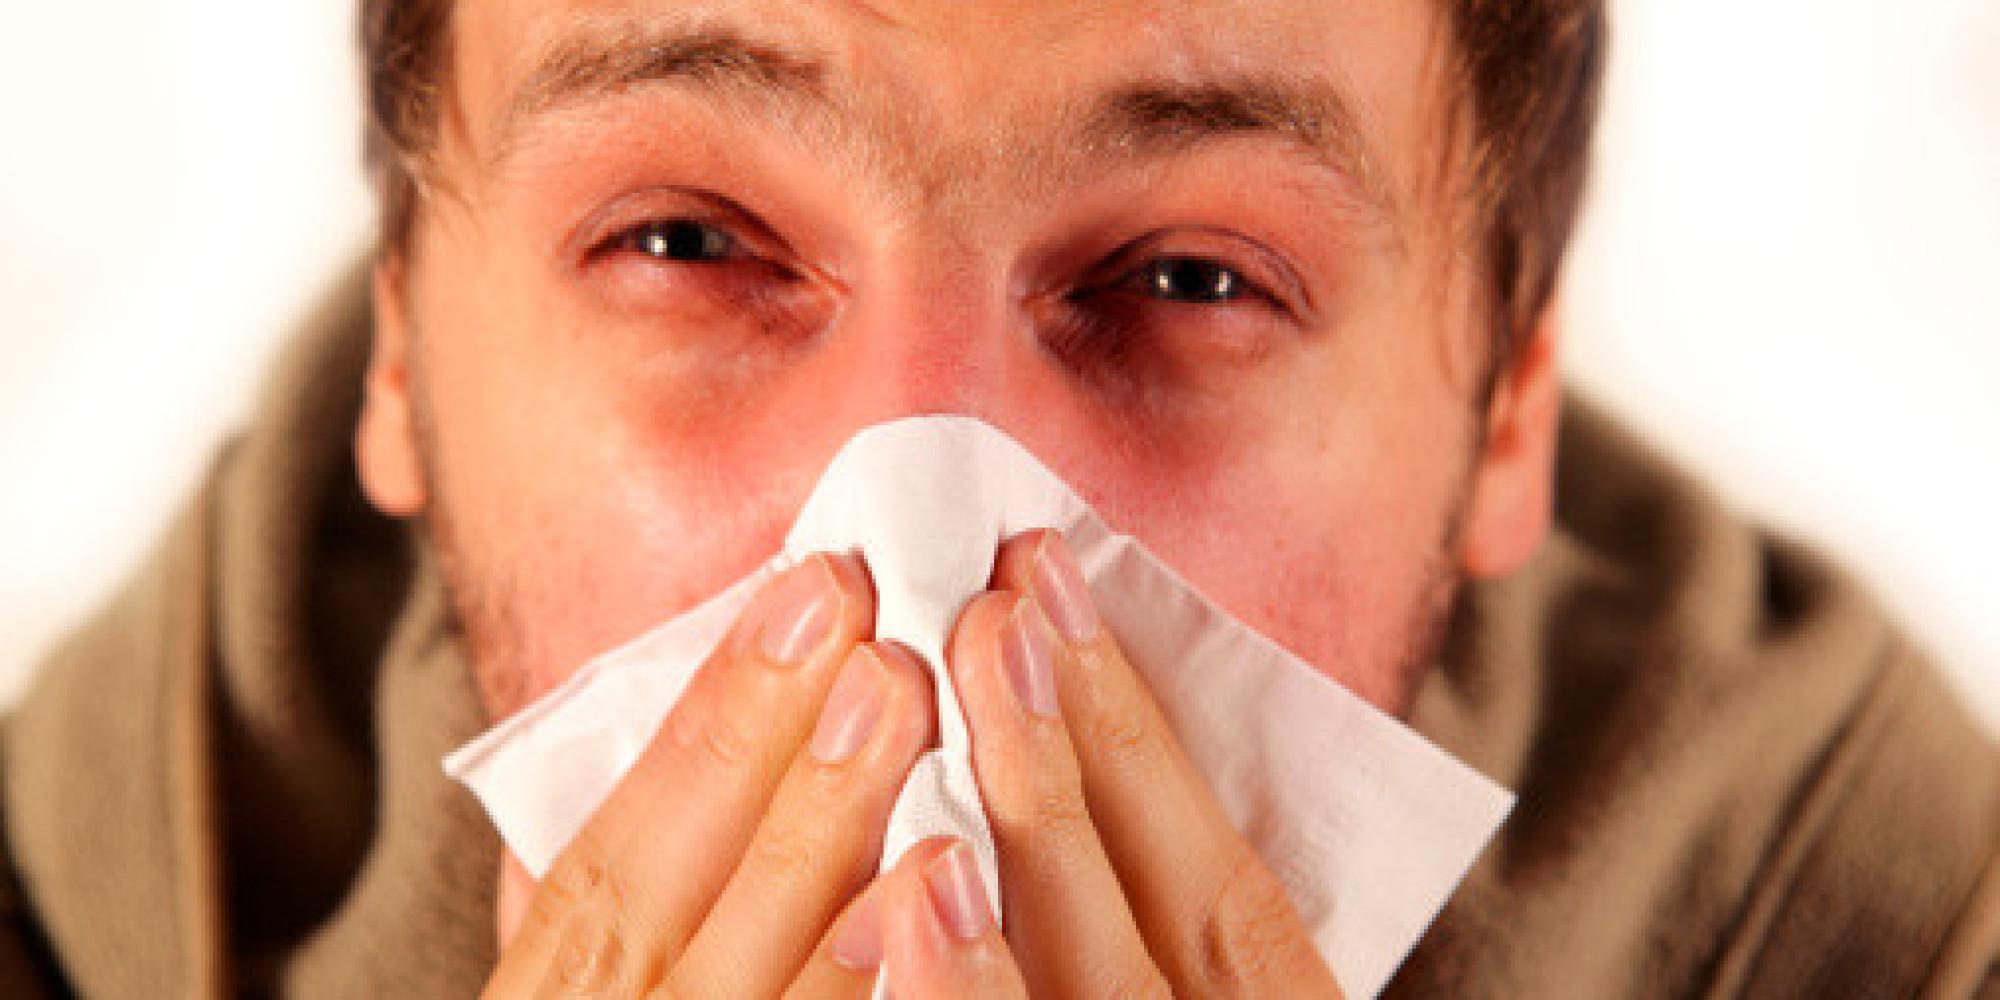 Todo mundo tem que tomar Tamiflu? Como sei se tenho H1N1? Tire suas dúvidas